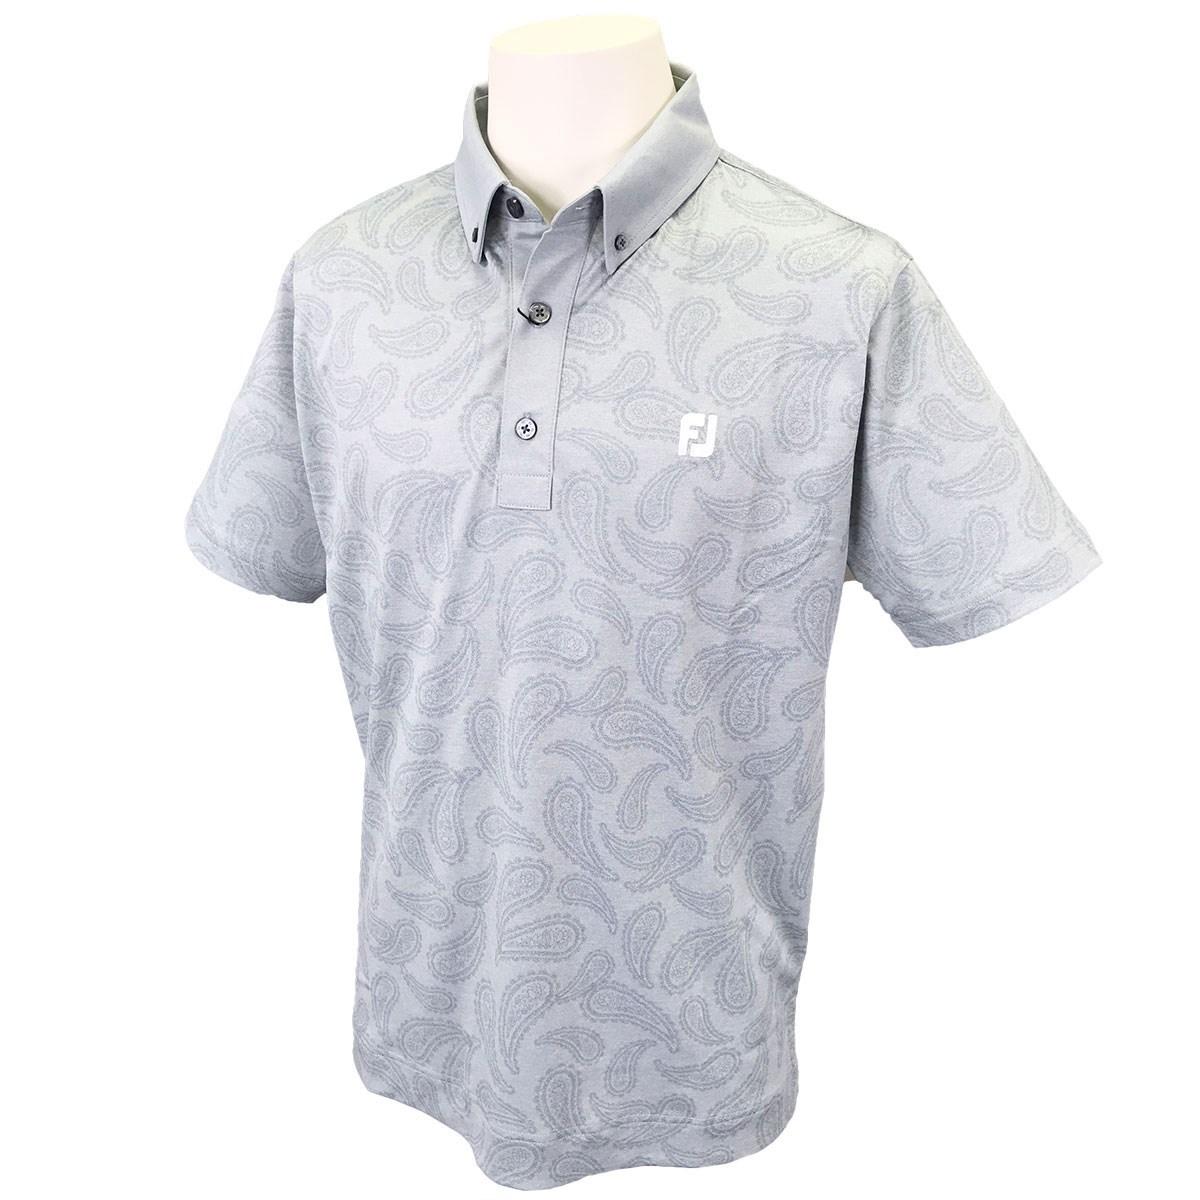 フットジョイ(FootJoy) ペイズリー鹿の子 ストレッチ 半袖ポロシャツ